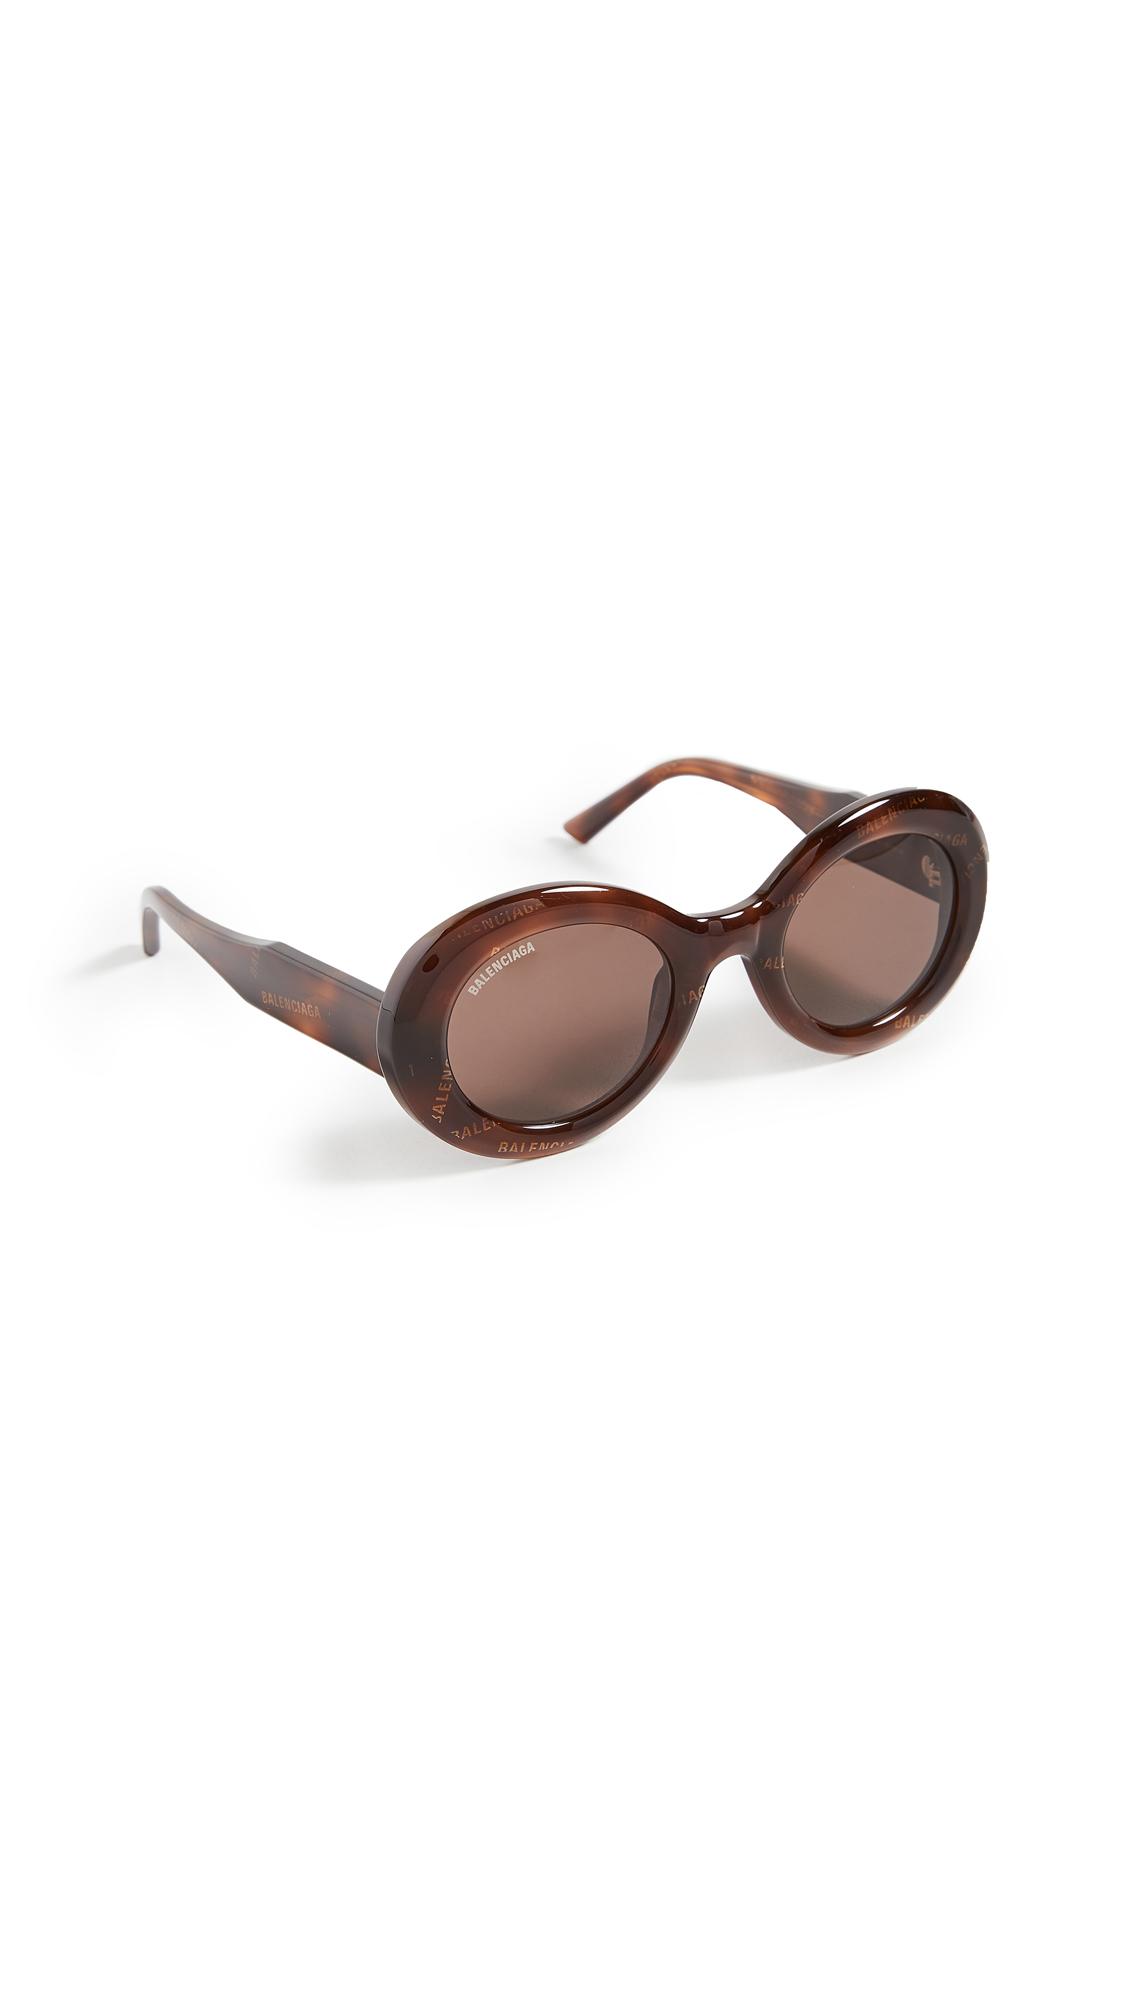 Balenciaga Agent Bold Oval Sunglasses